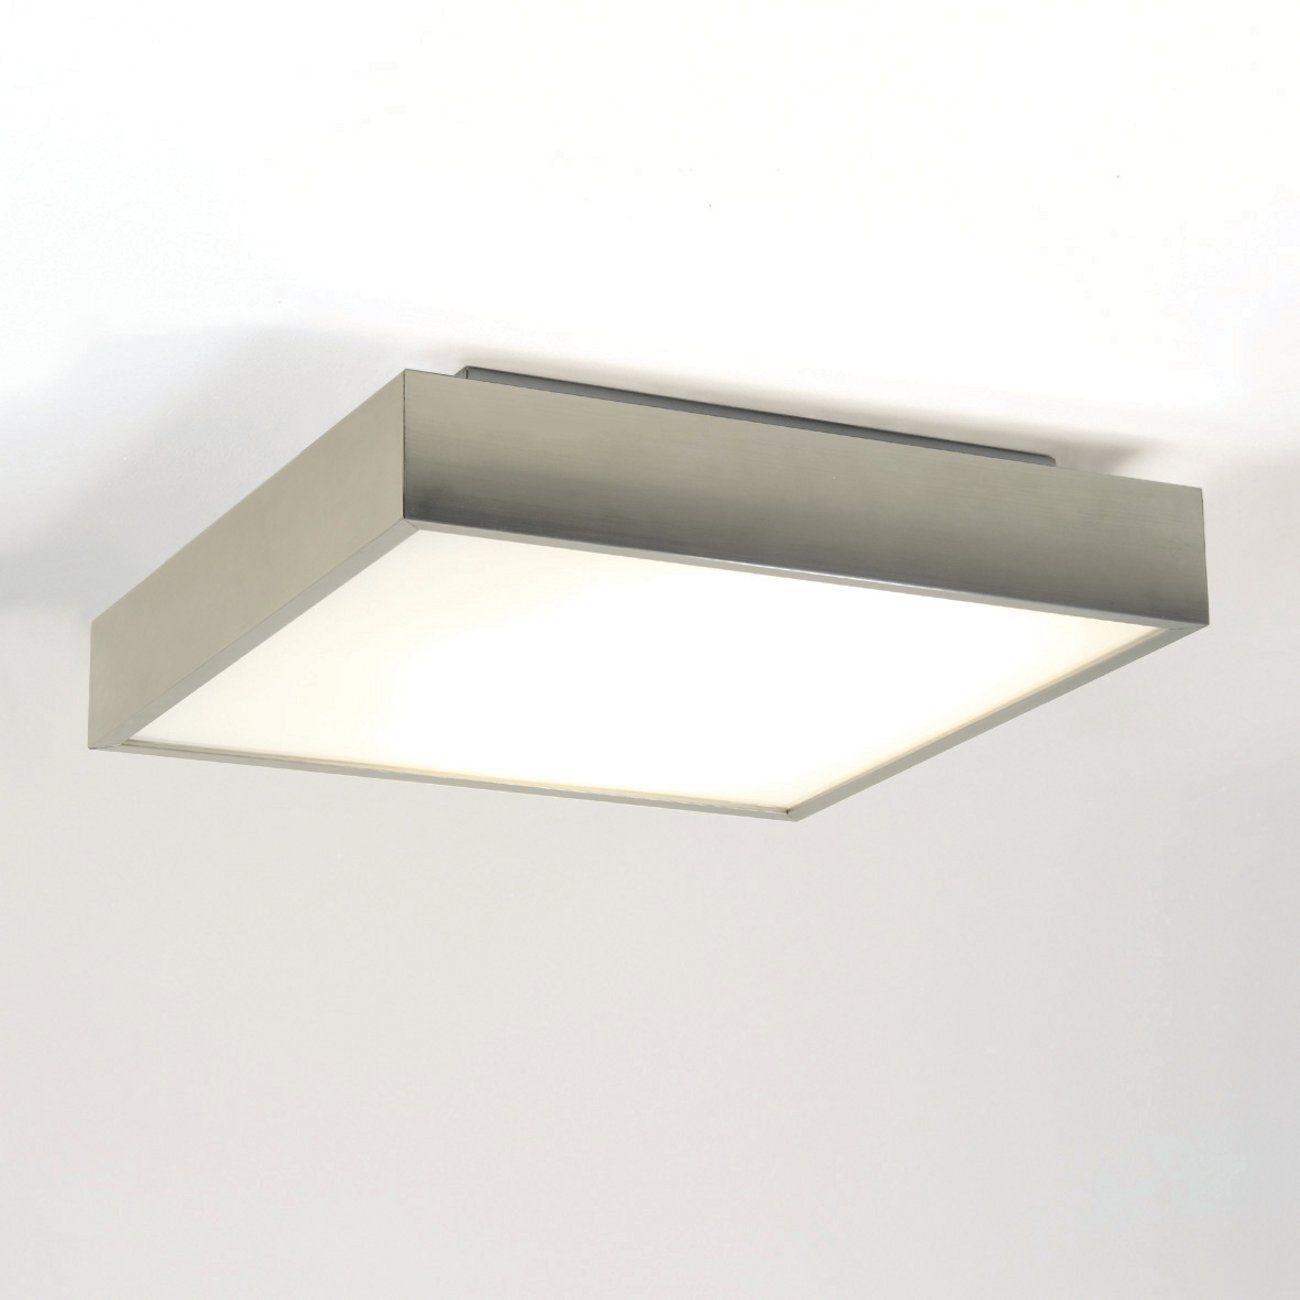 deckenlampe quadratisch led spektakuläre images und ceabc